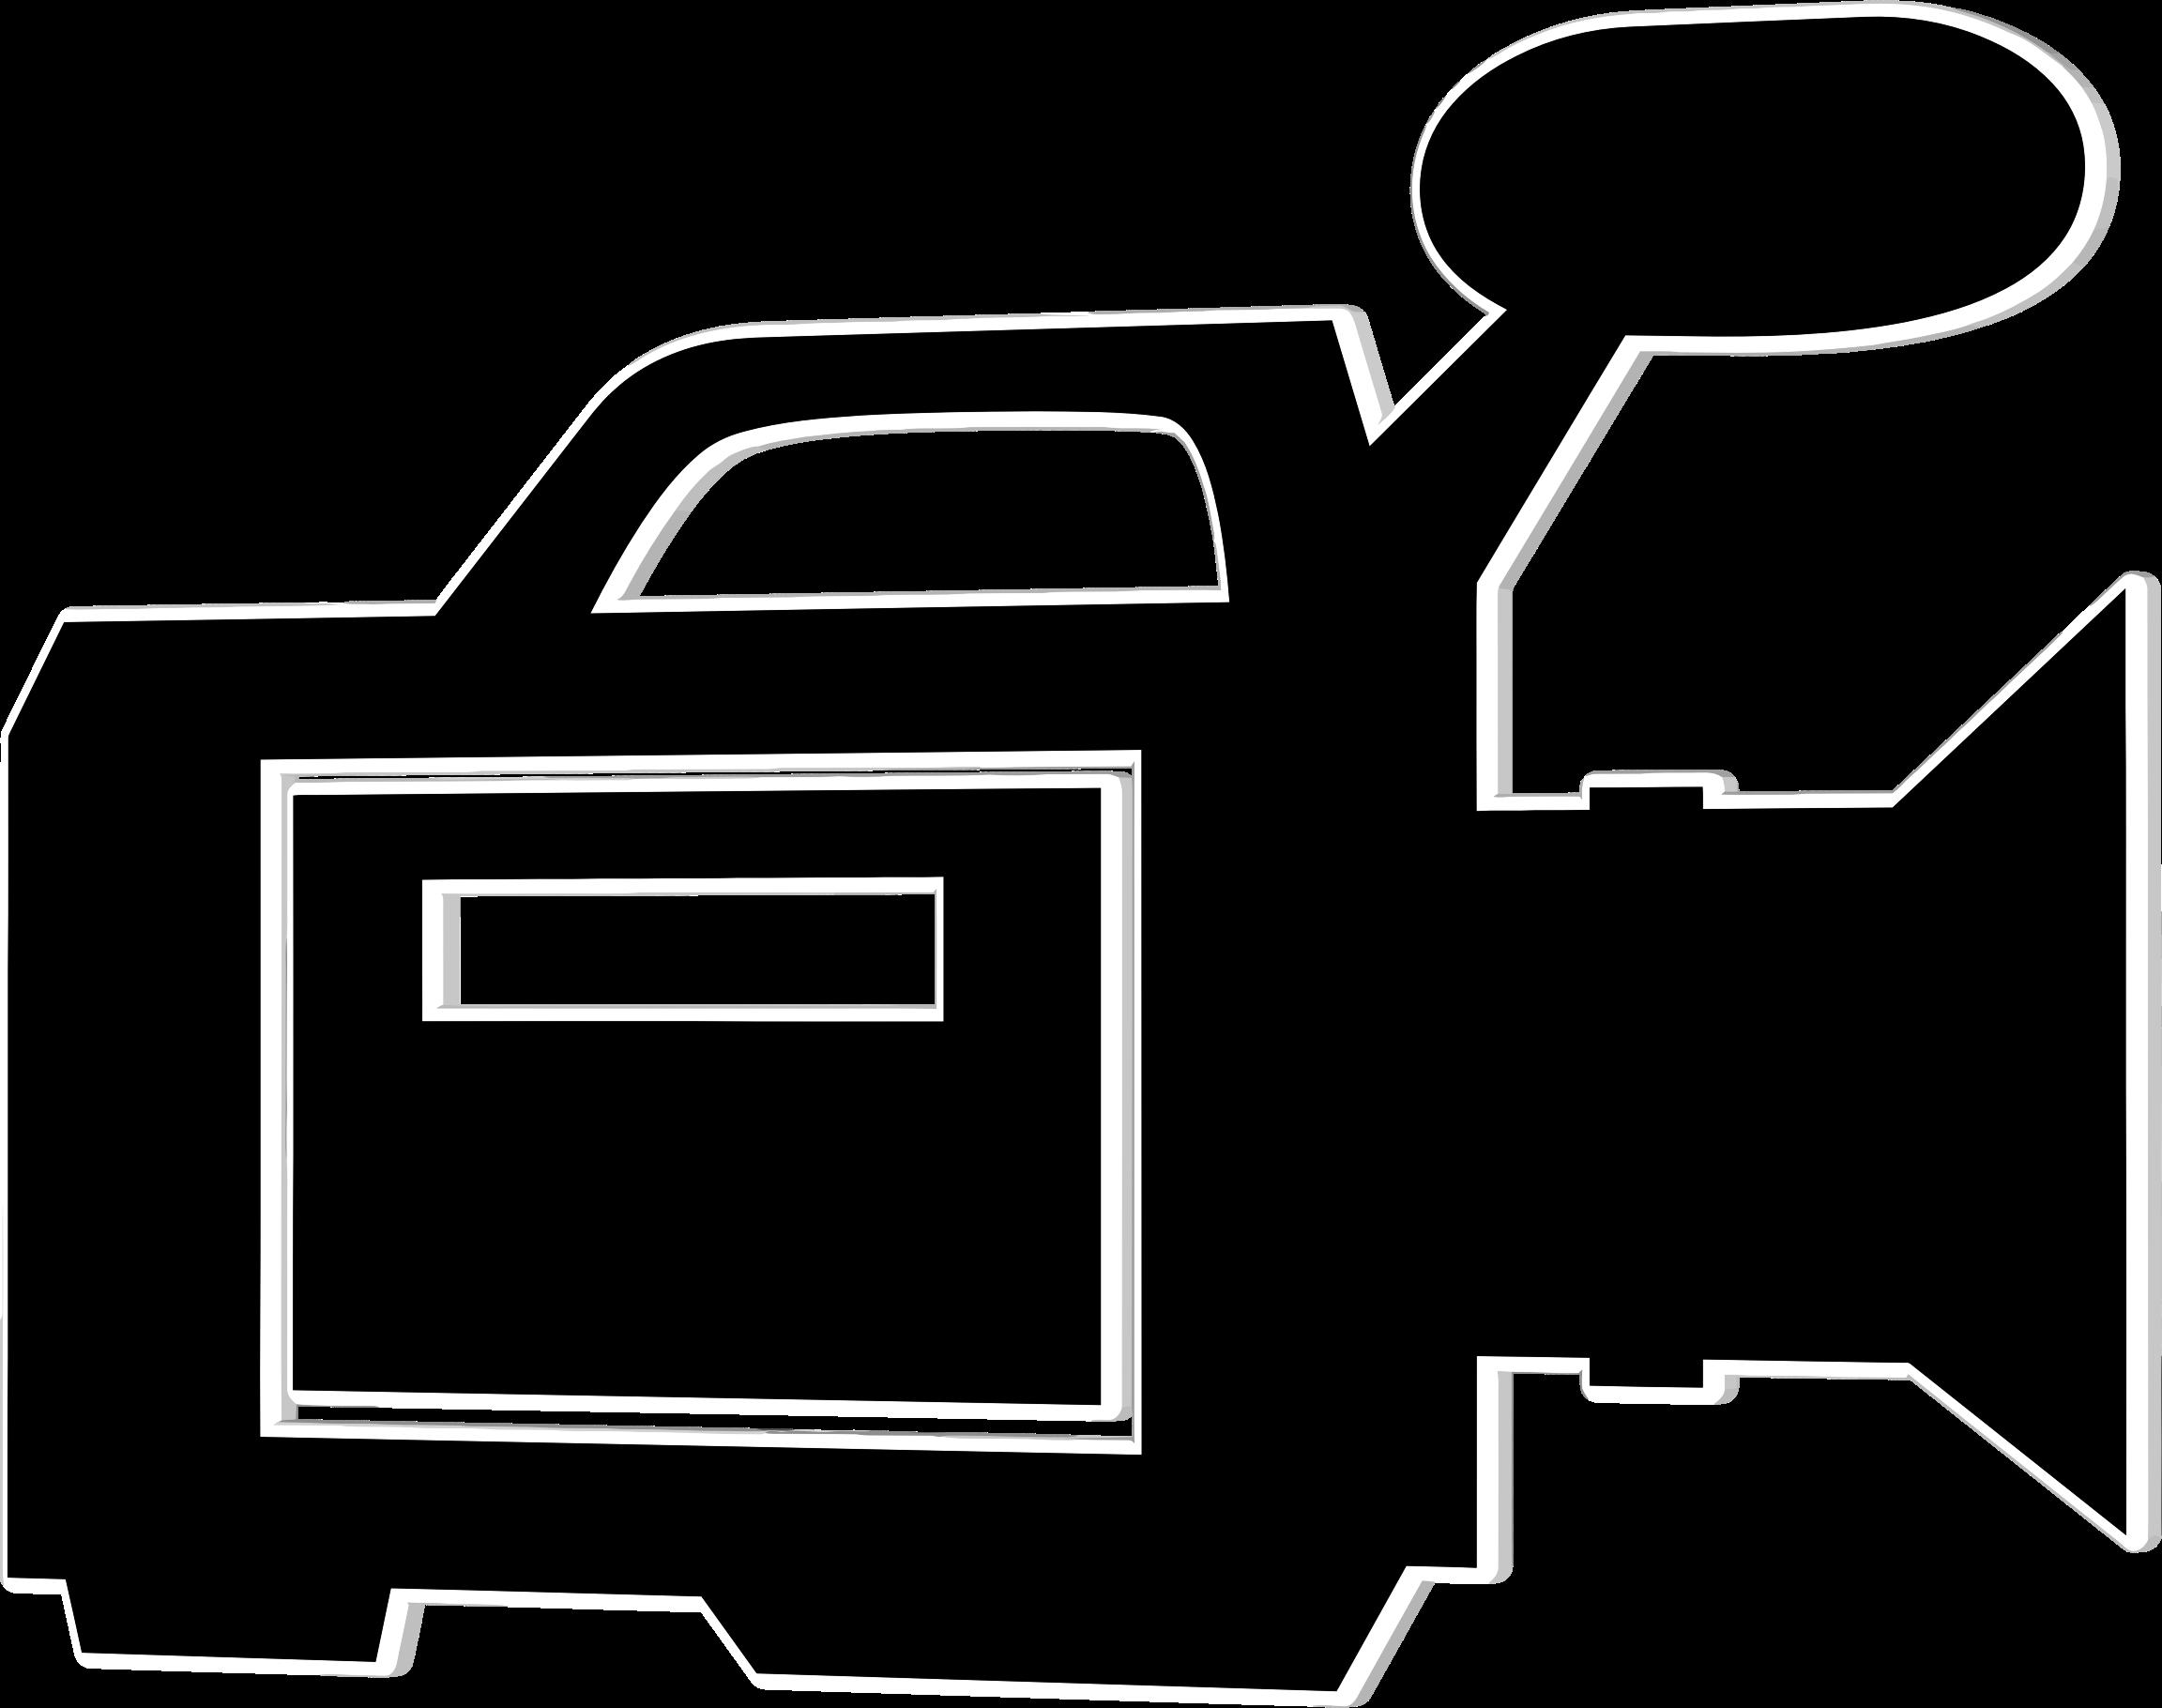 Clipart Video Camera Icon.